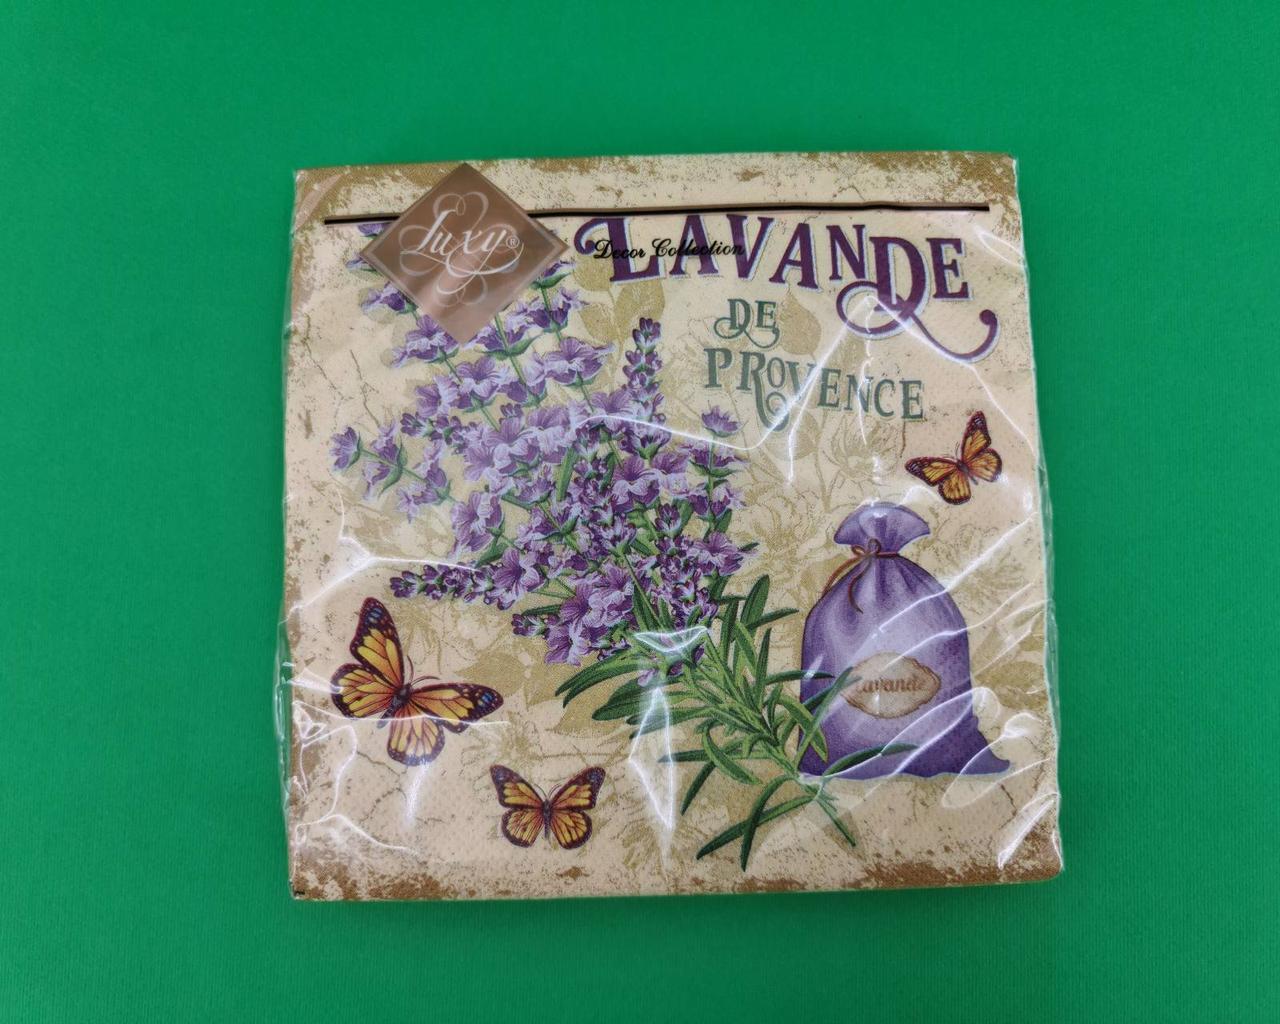 Дизайнерская салфетка (ЗЗхЗЗ, 20шт) Luxy  Лованда из Прованса (2058) (1 пач)